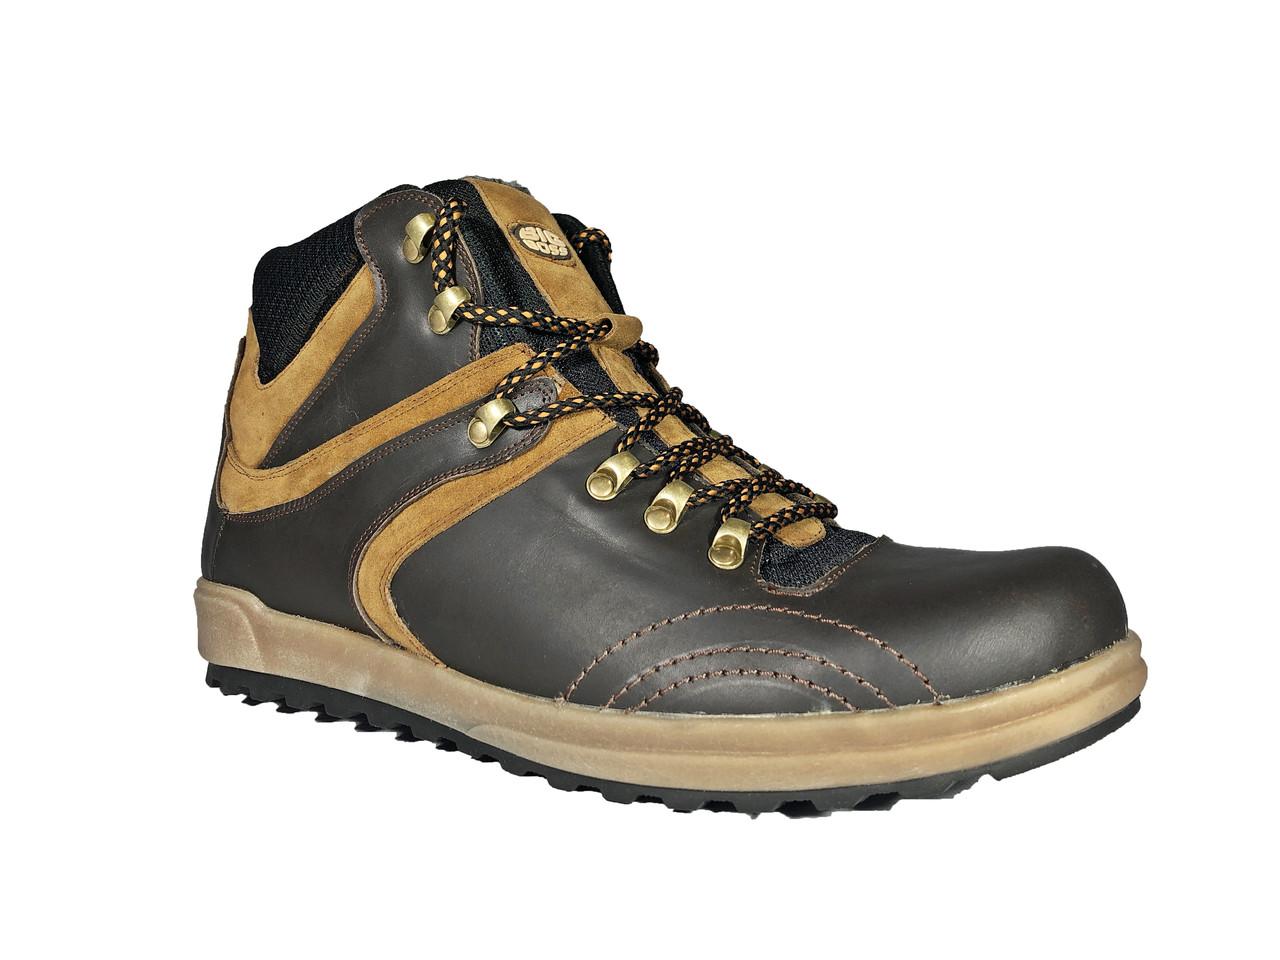 Мужские Ботинки Больших Размеров Зимние 46-го Размера — в Категории